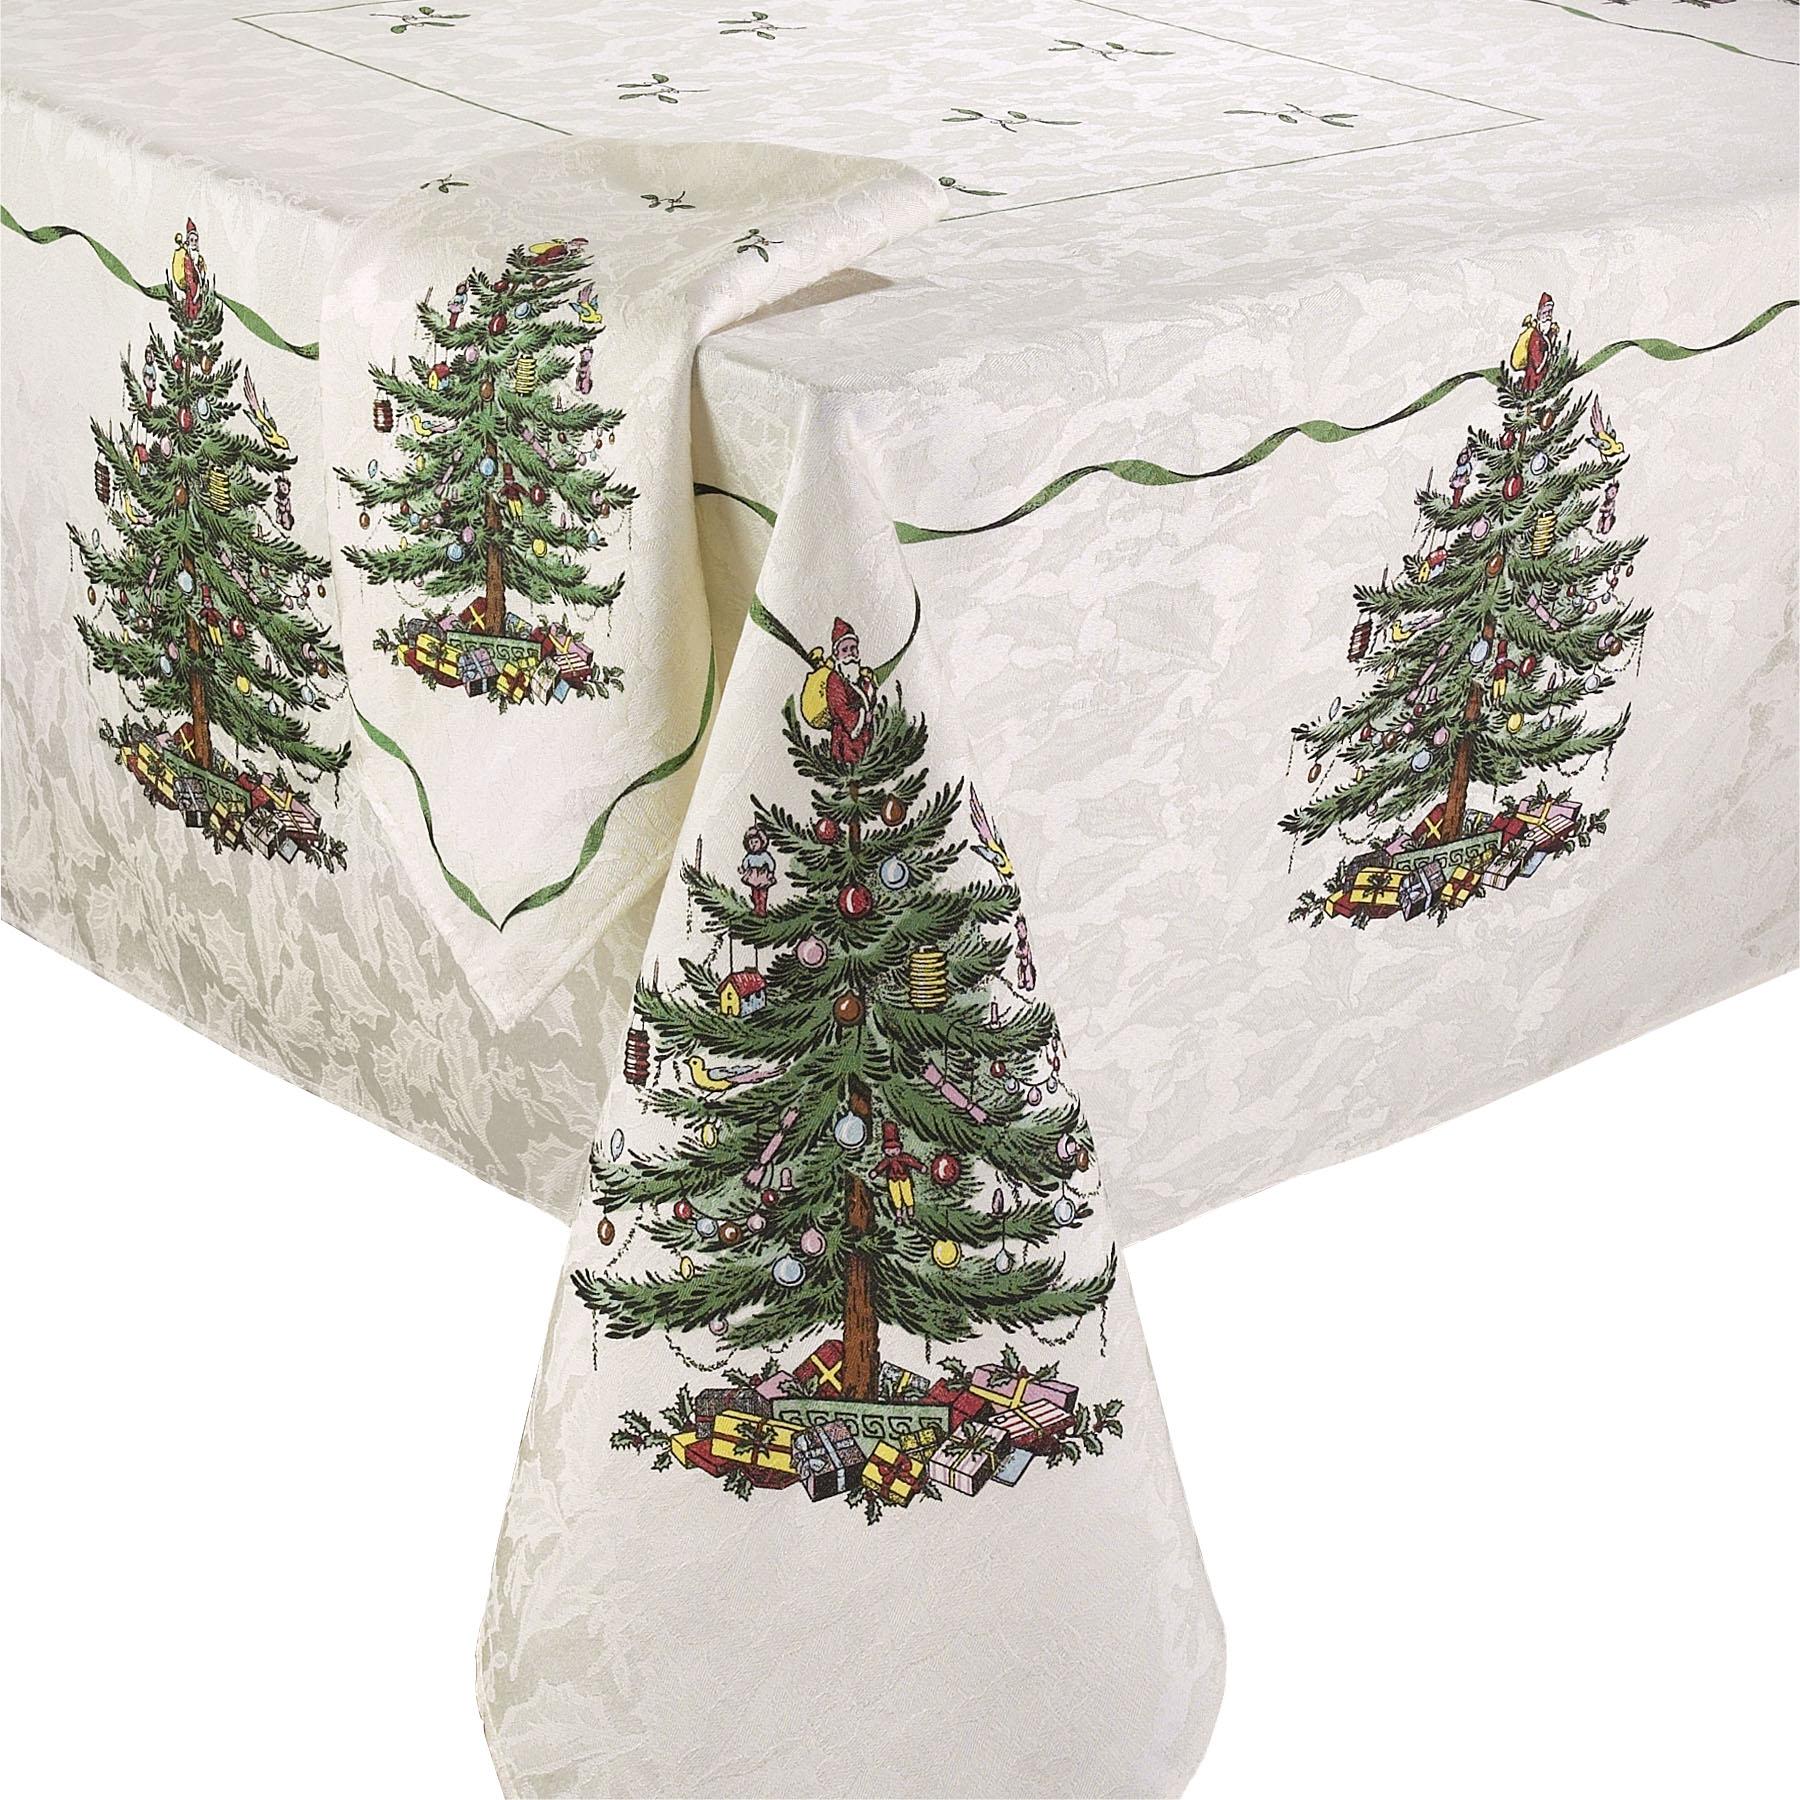 Кухонная скатерть прямоугольная 152х366 см Spode Christmas Tree